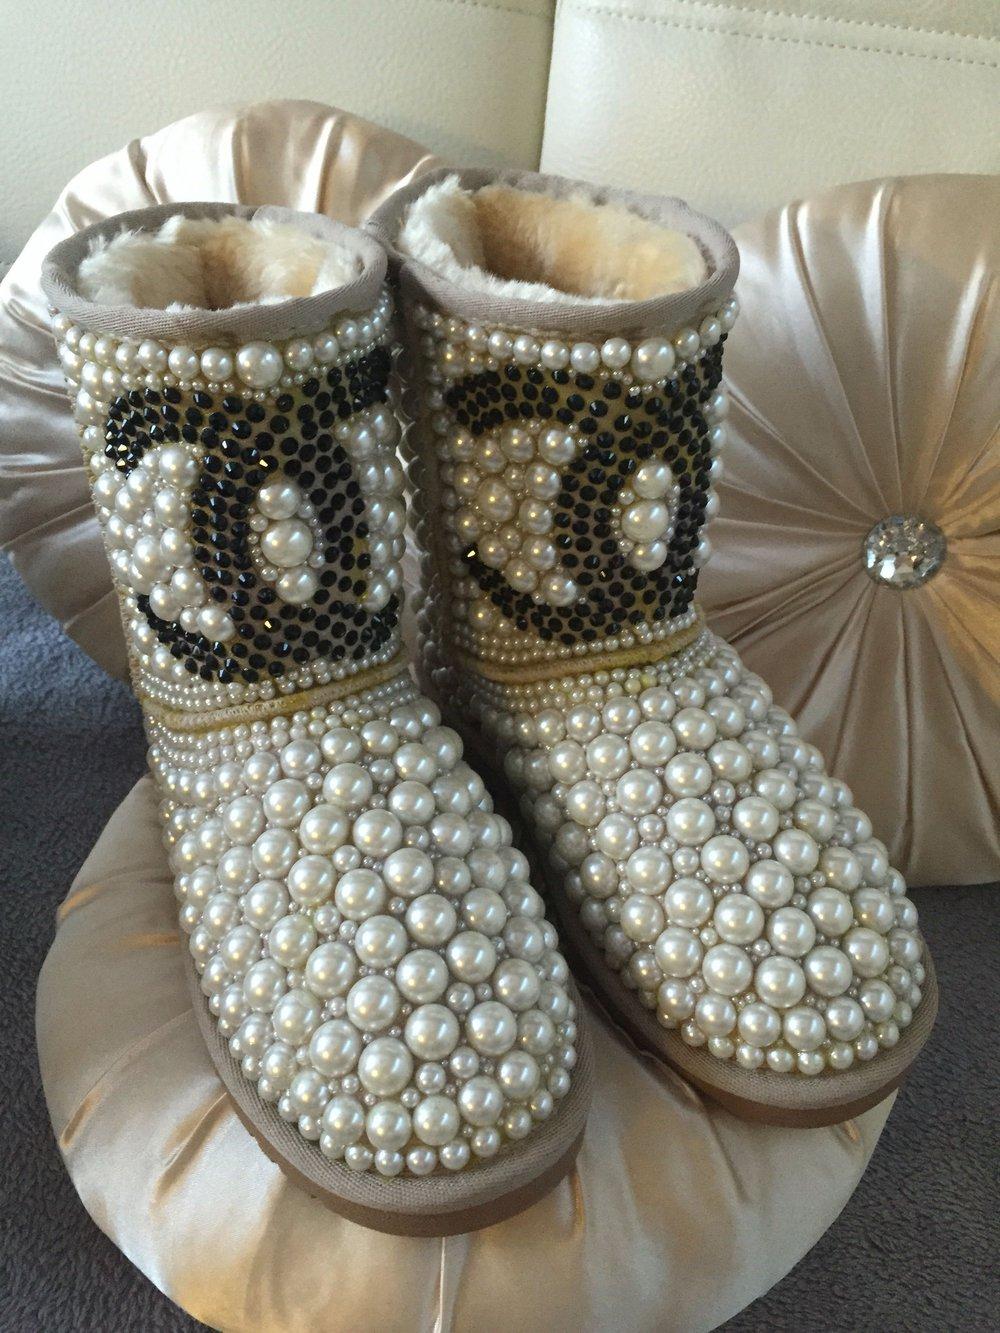 PerlenKleiderkorb Winter Boots Boots PerlenKleiderkorb ch Mit ch Winter Mit nwyPm0OvN8